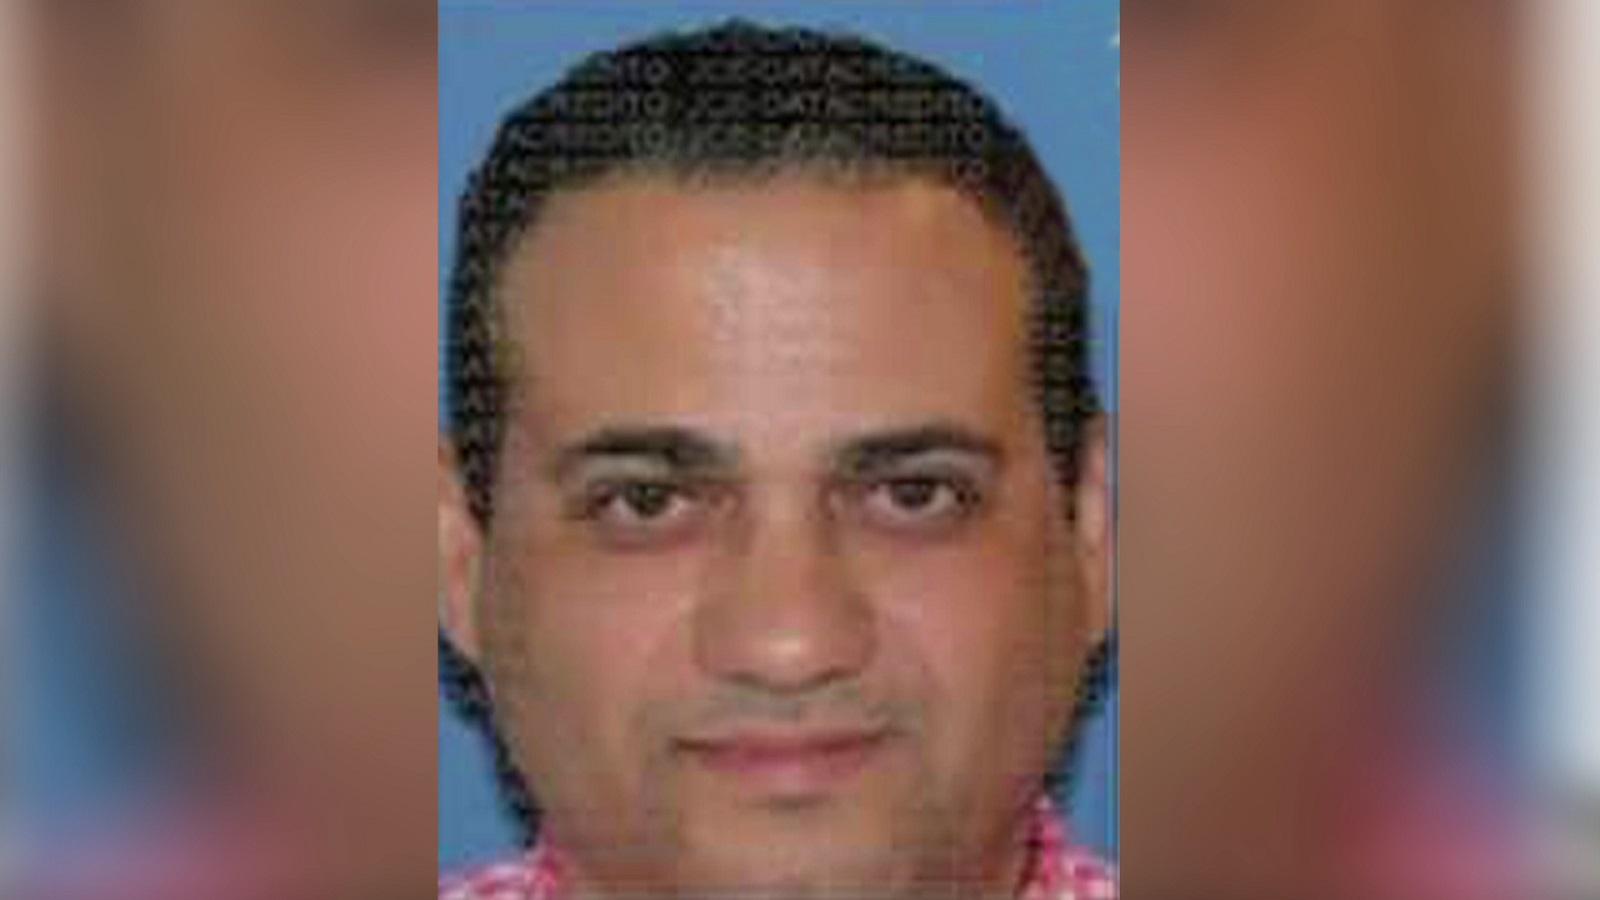 Fiscalía DN apelará decisión ordena extinción acusación por corrupción OMSA contra Eddy Santana Zorilla